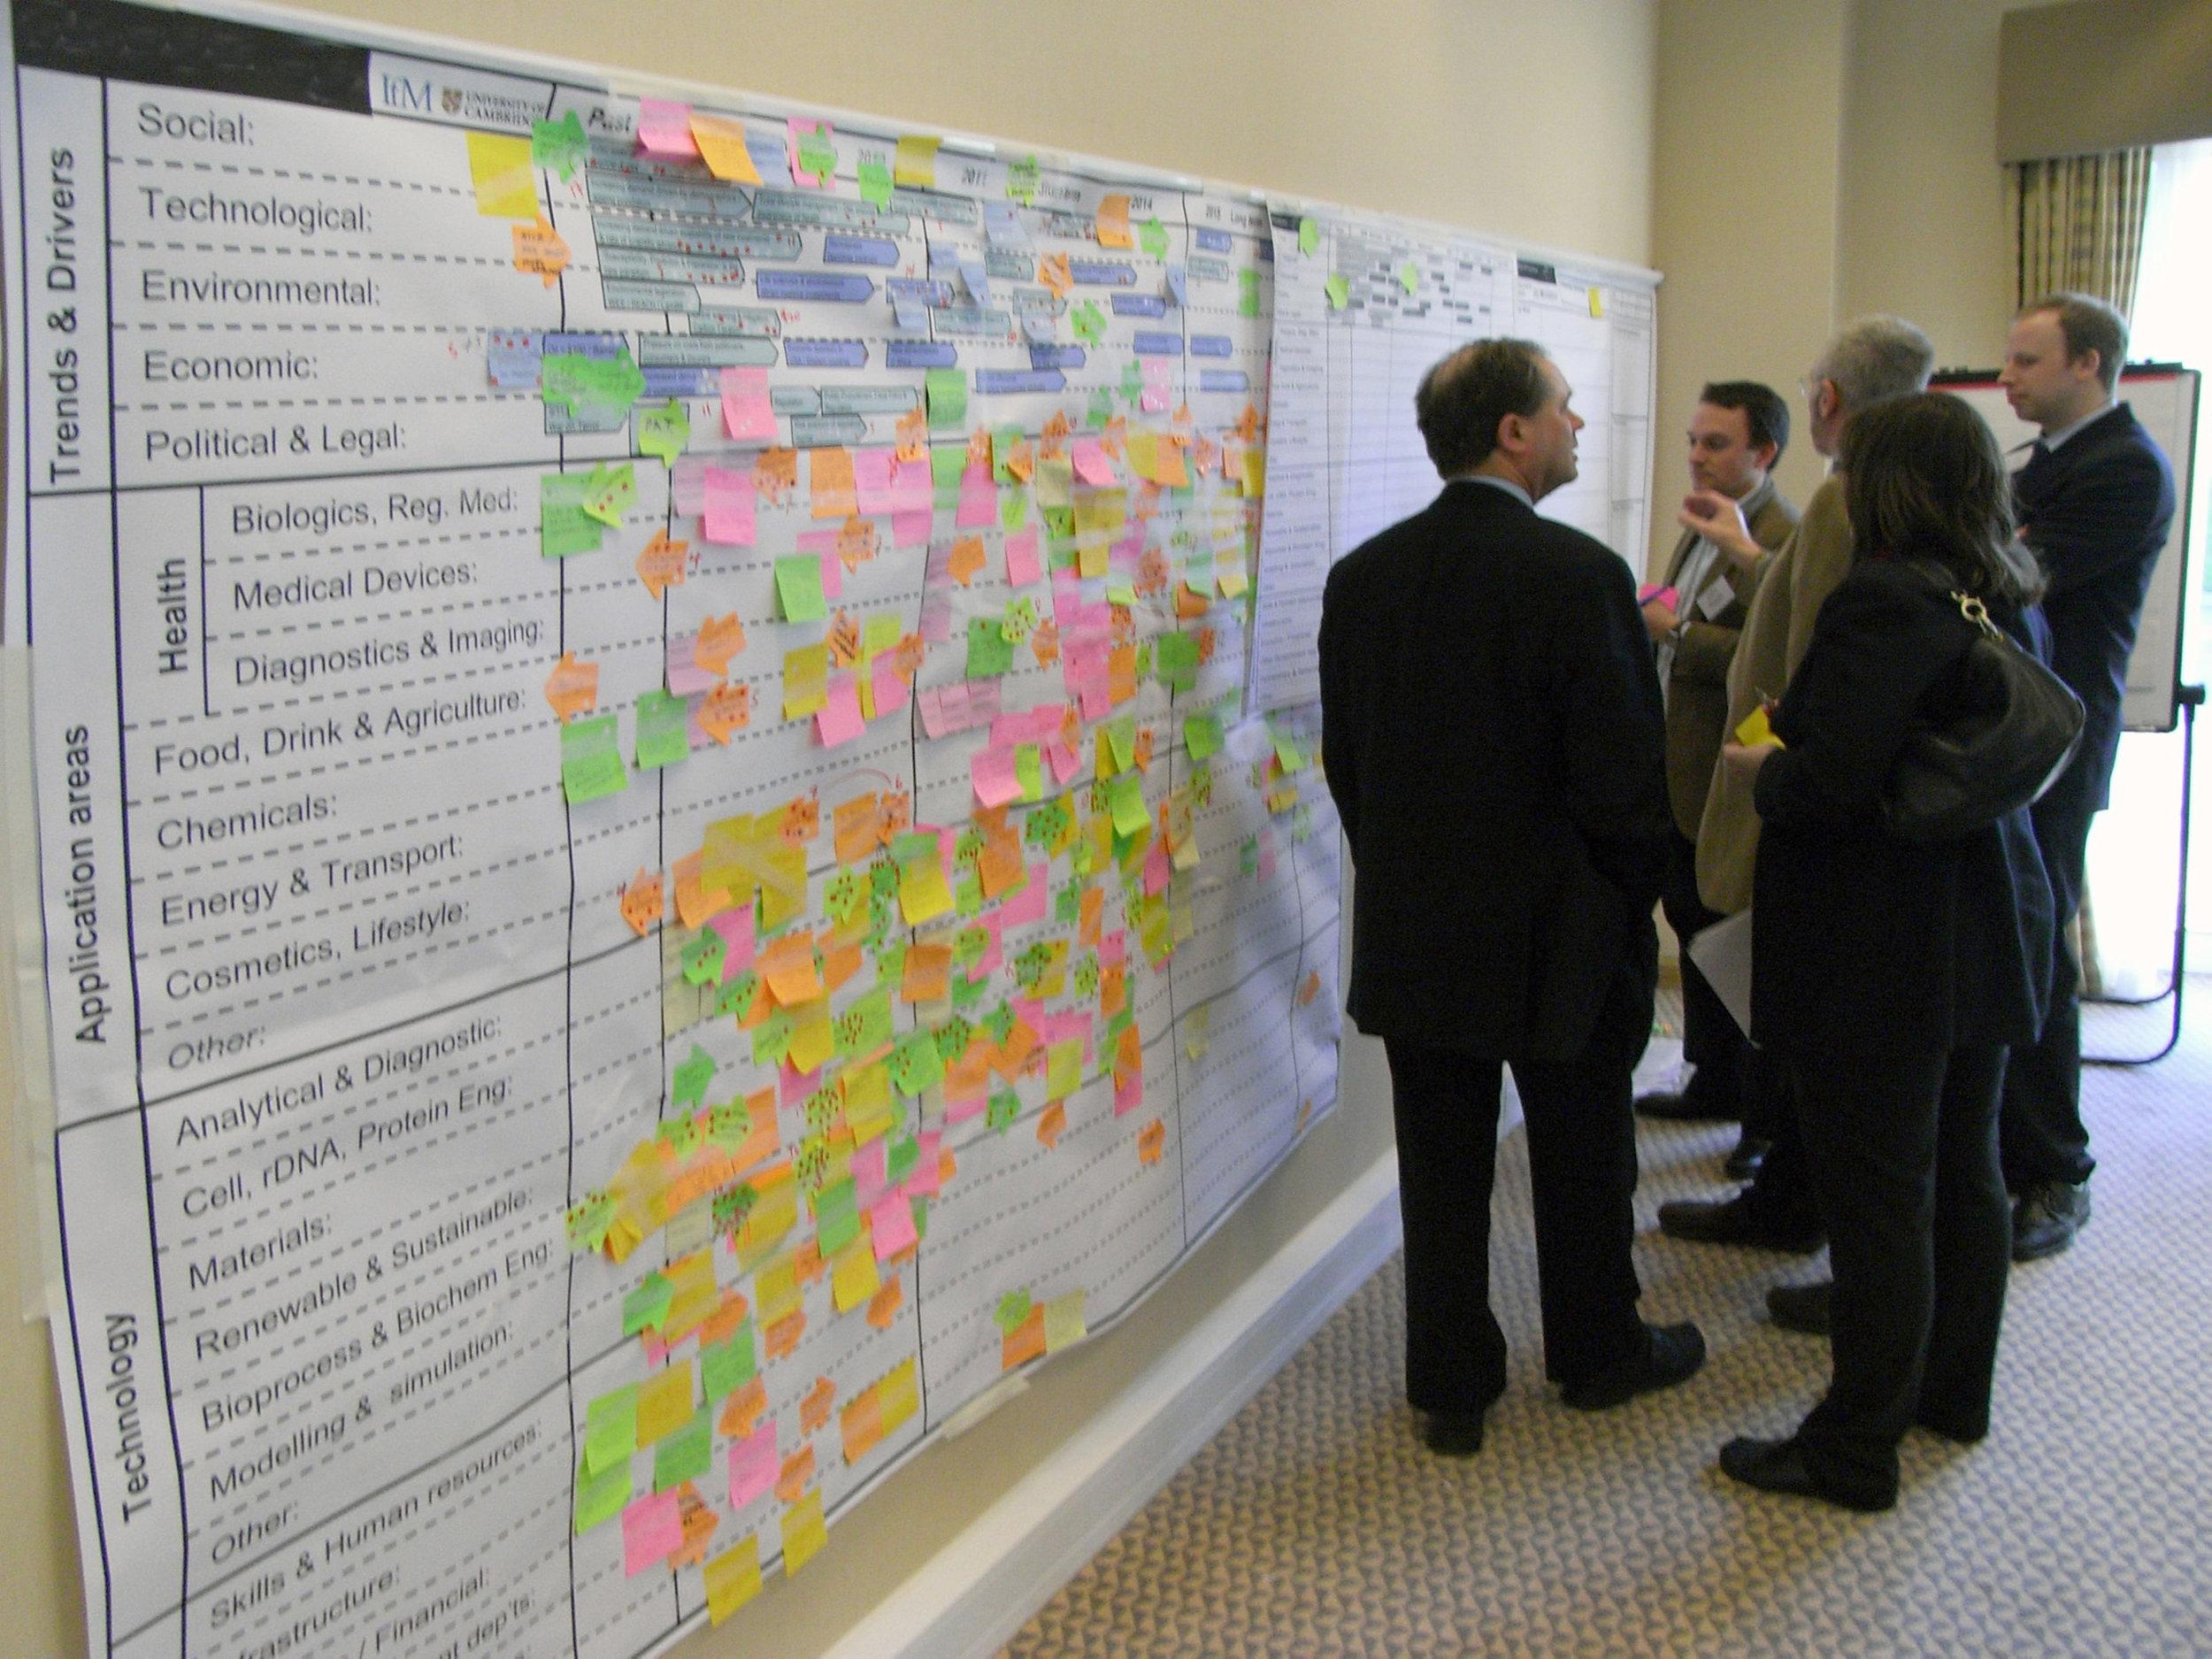 Sector level roadmapping workshop, focusing on a key 'landmark' identified in the 'landscape'